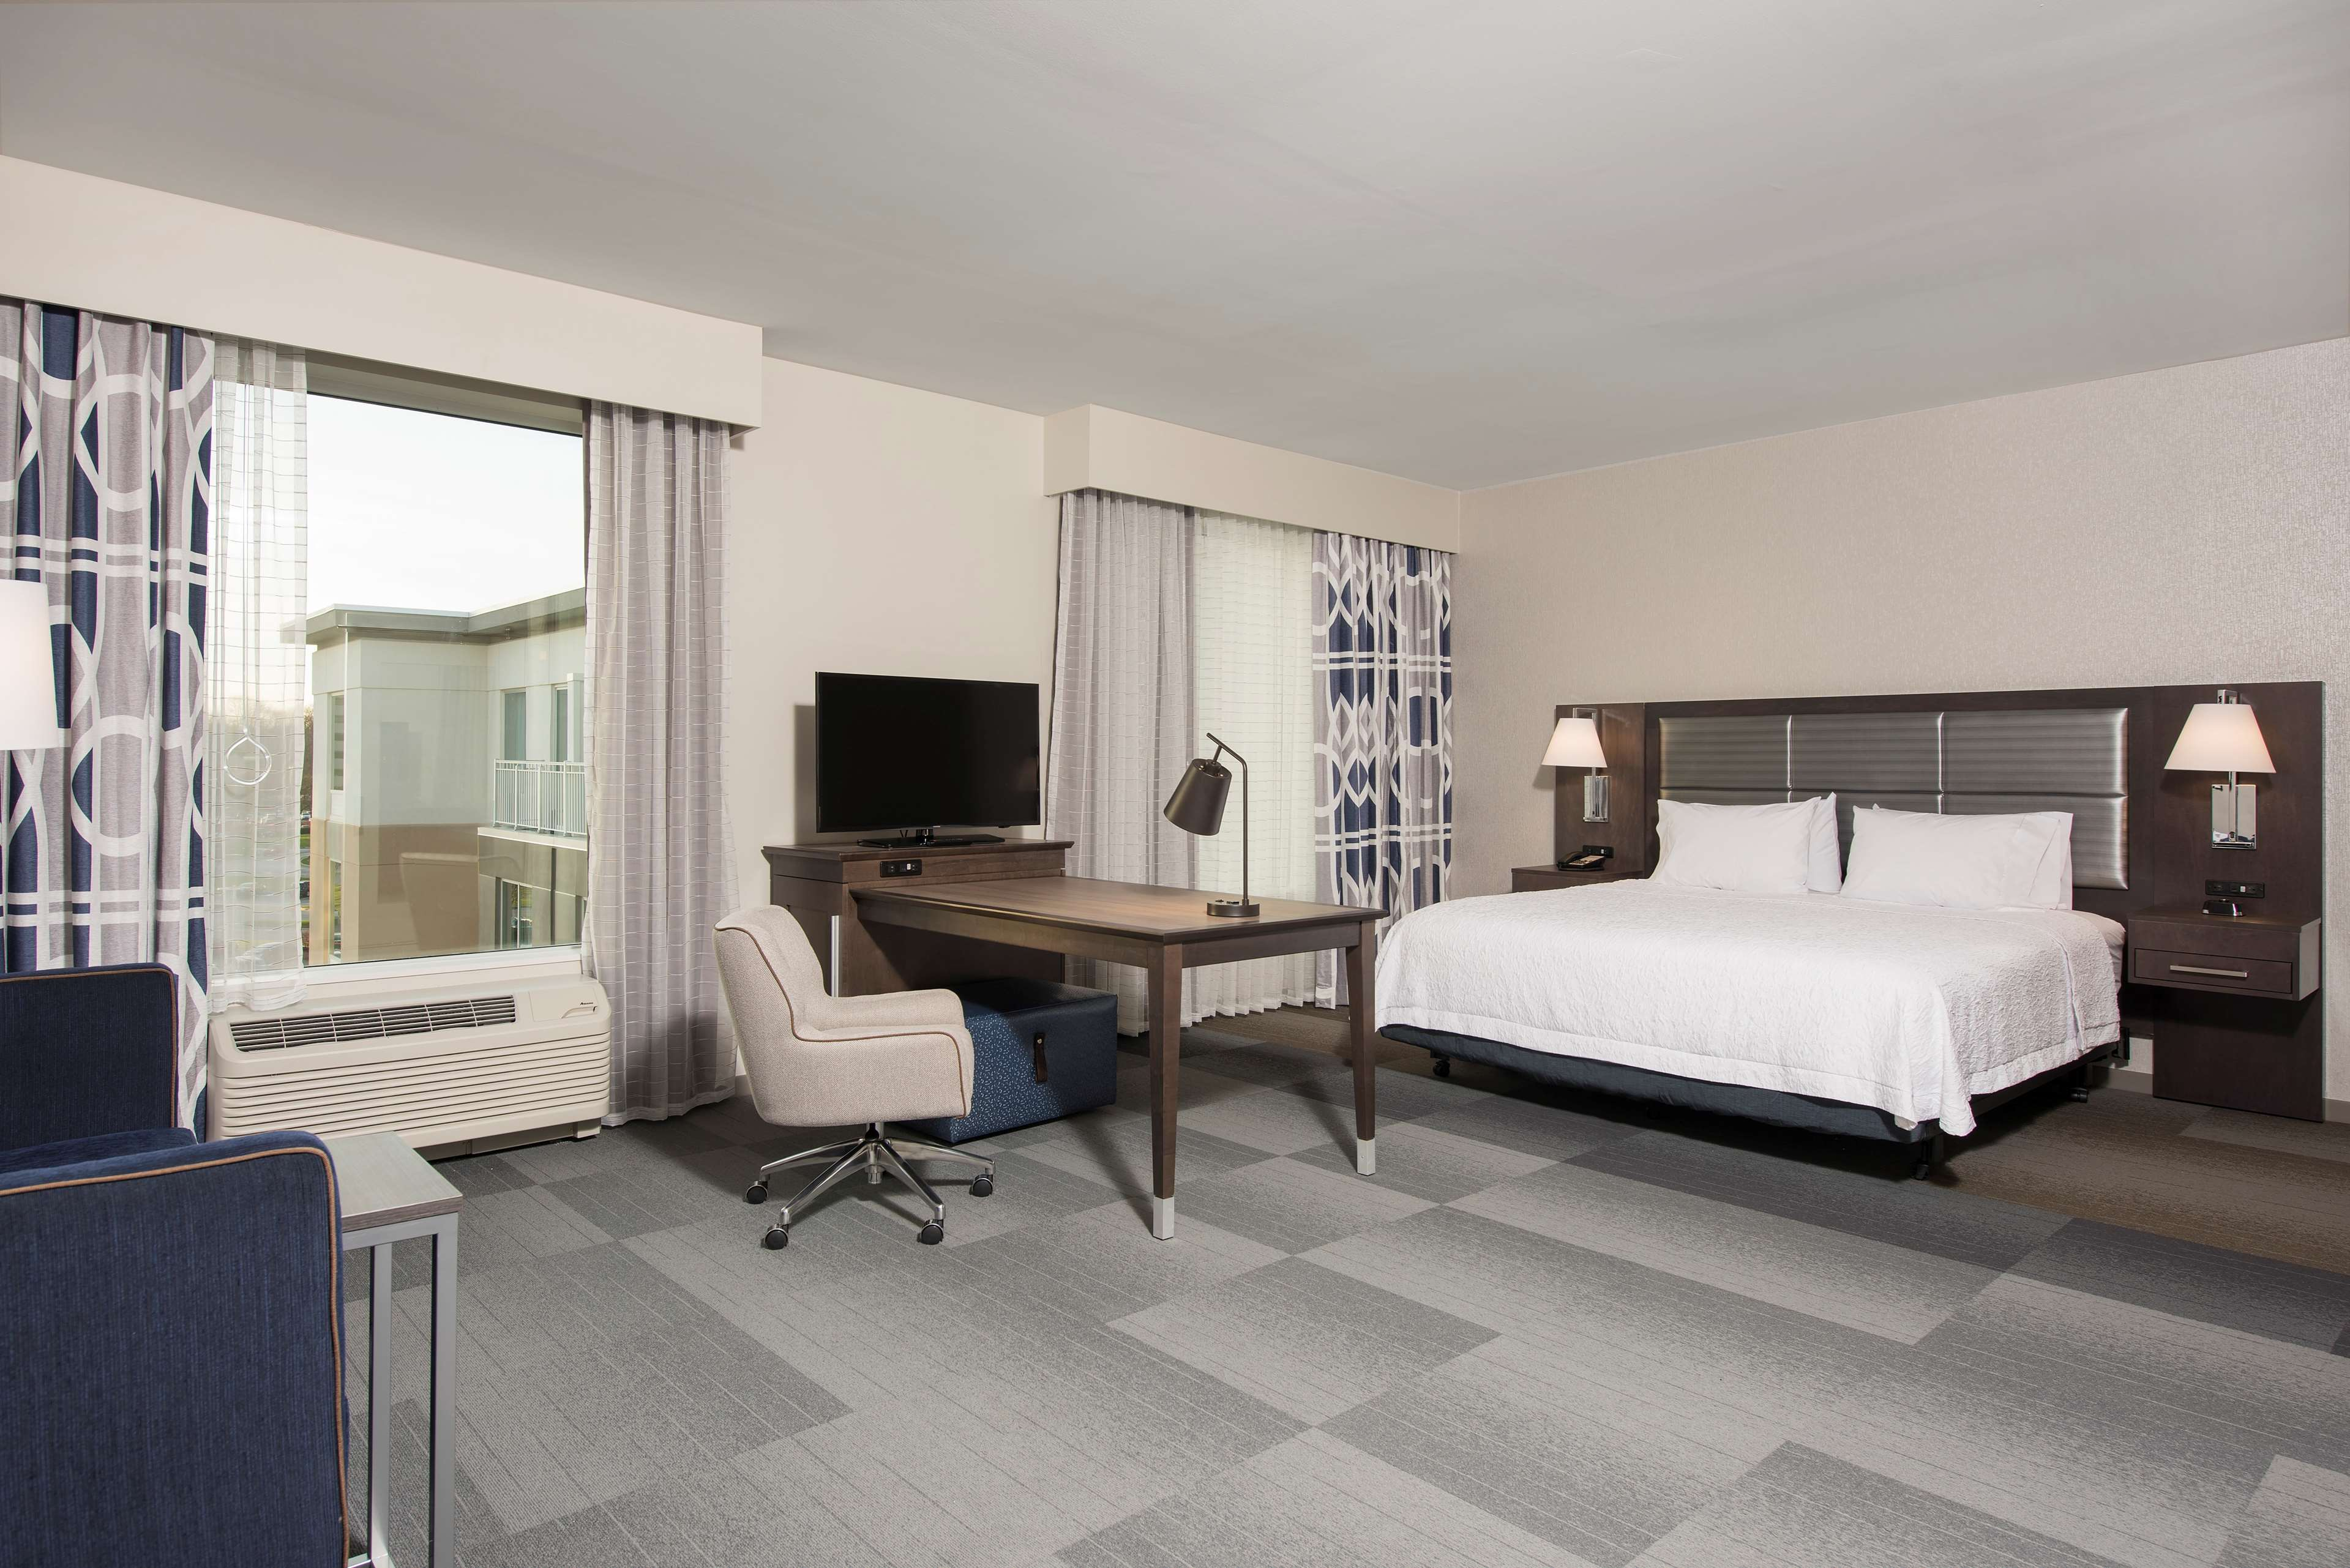 Hampton Inn & Suites Indianapolis-Keystone image 25